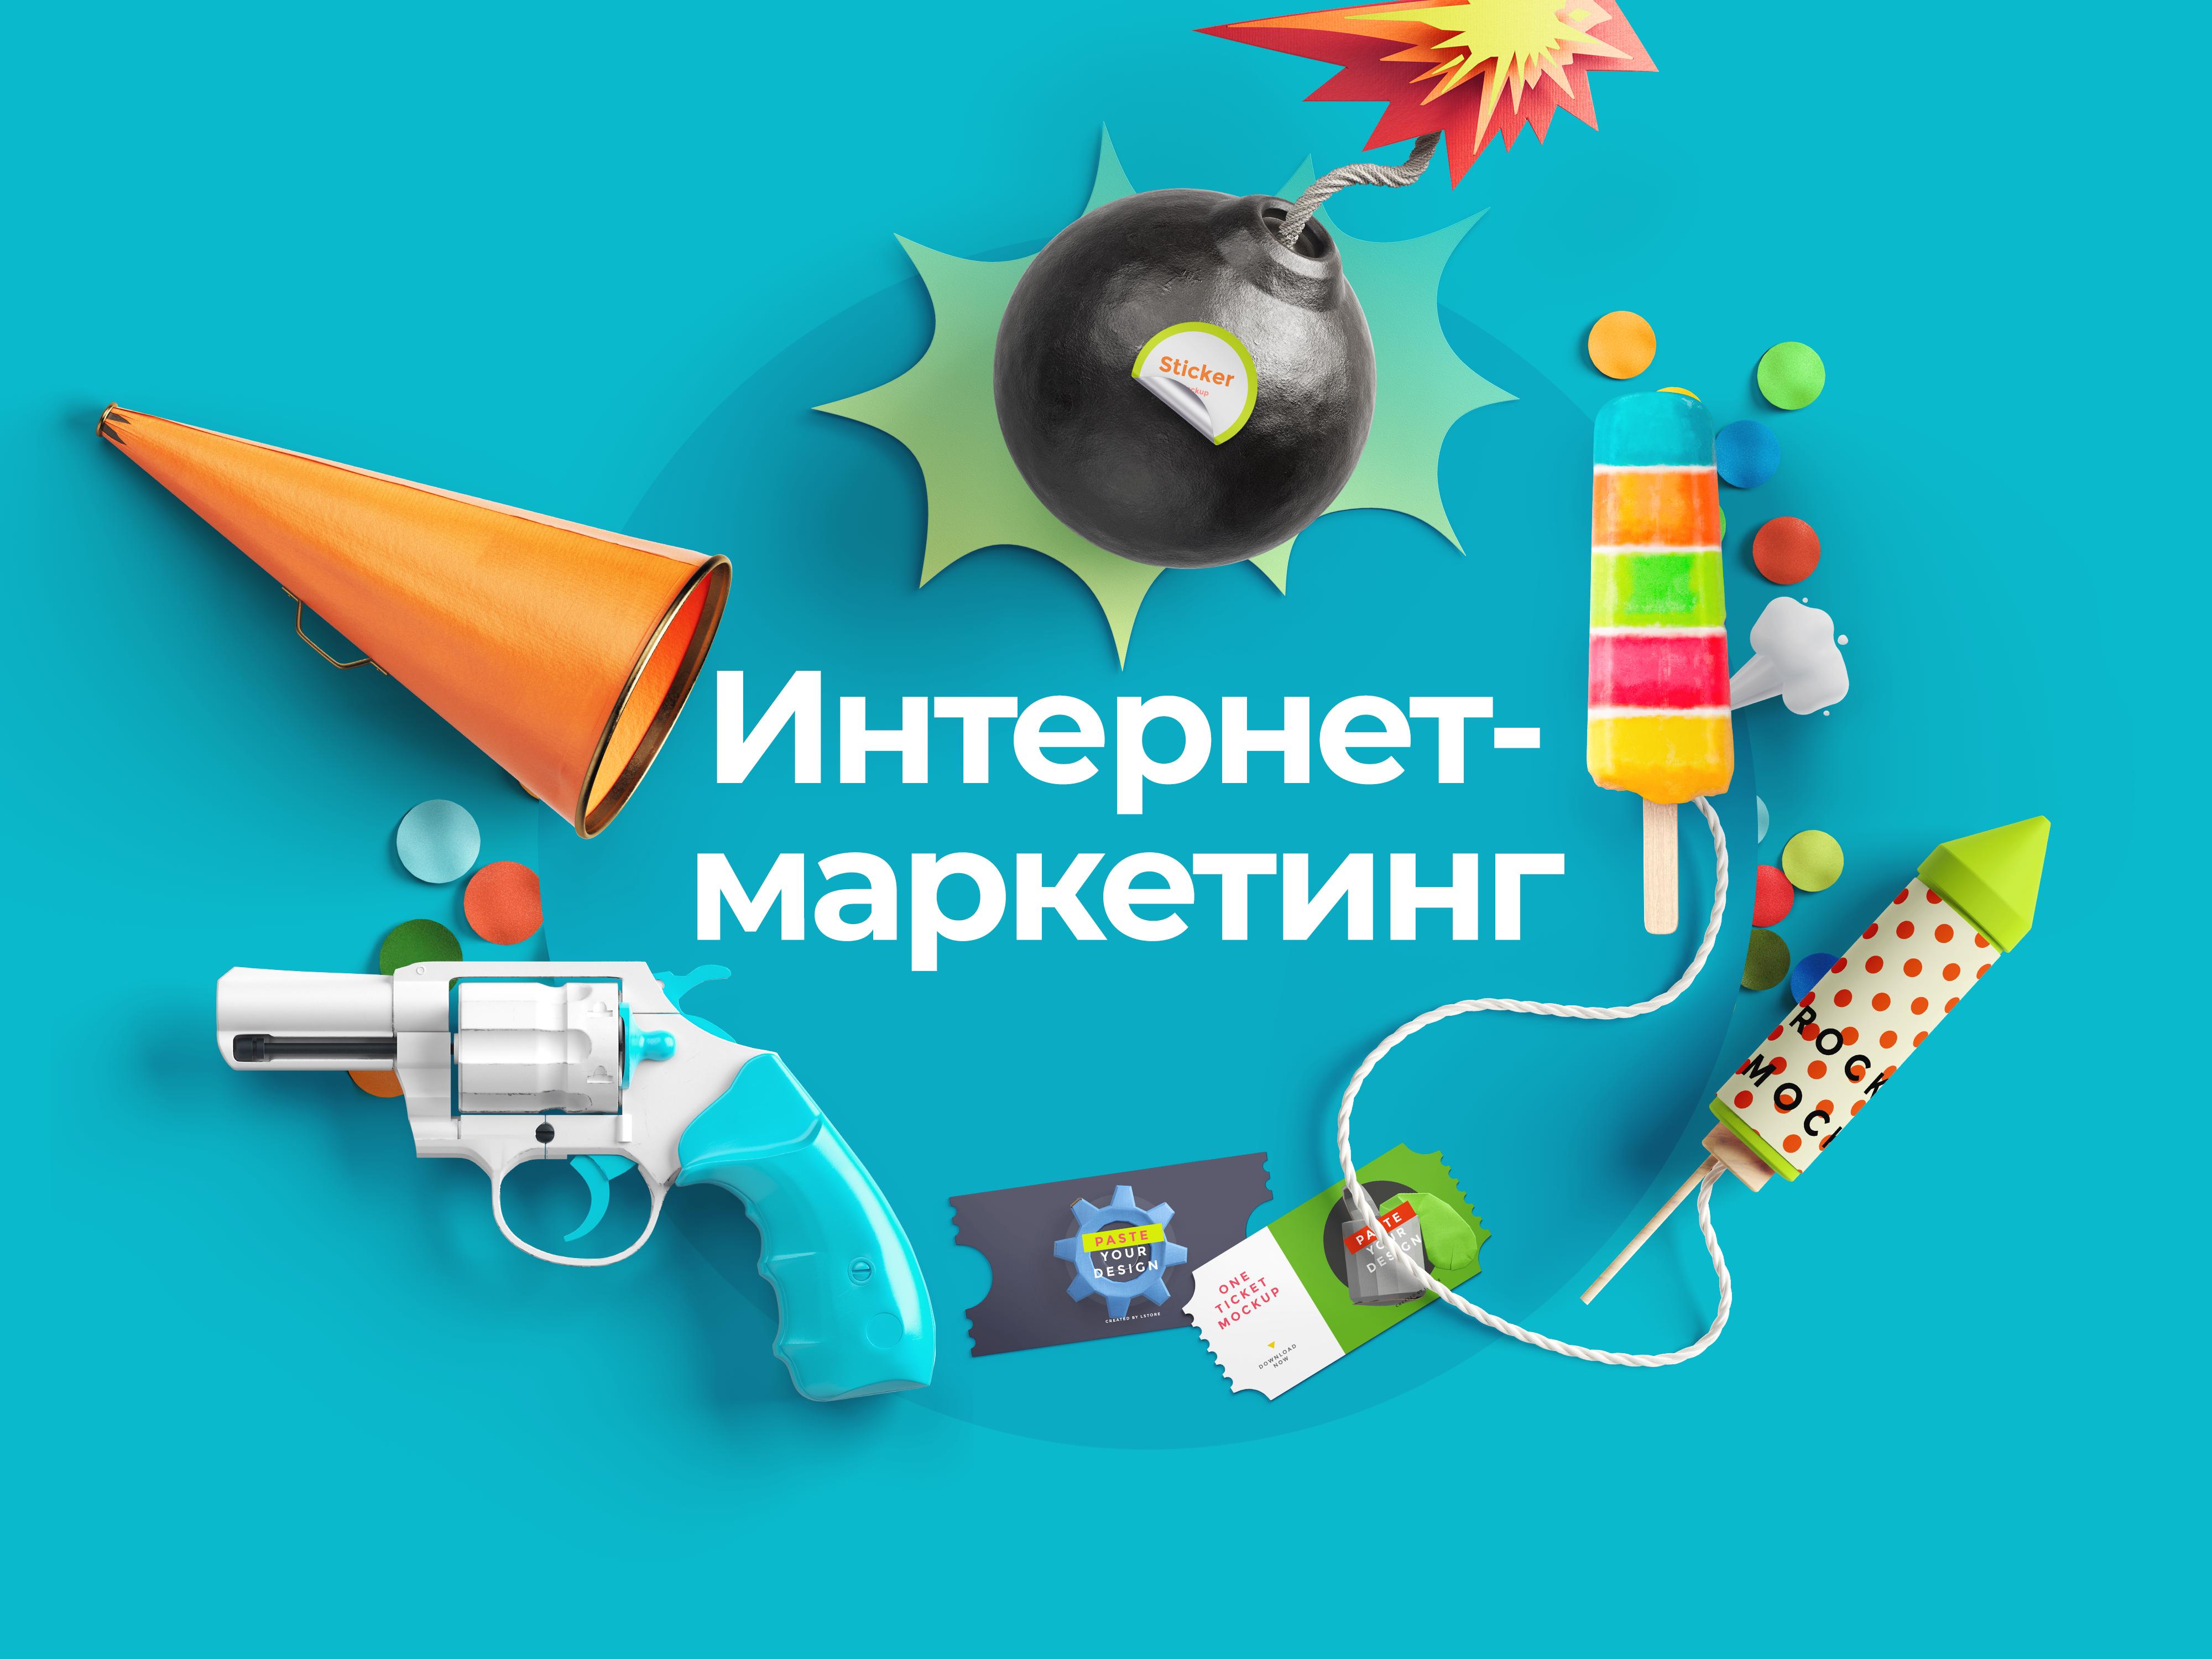 Интернет-маркетинг для начинающих: что это, зачем и для кого